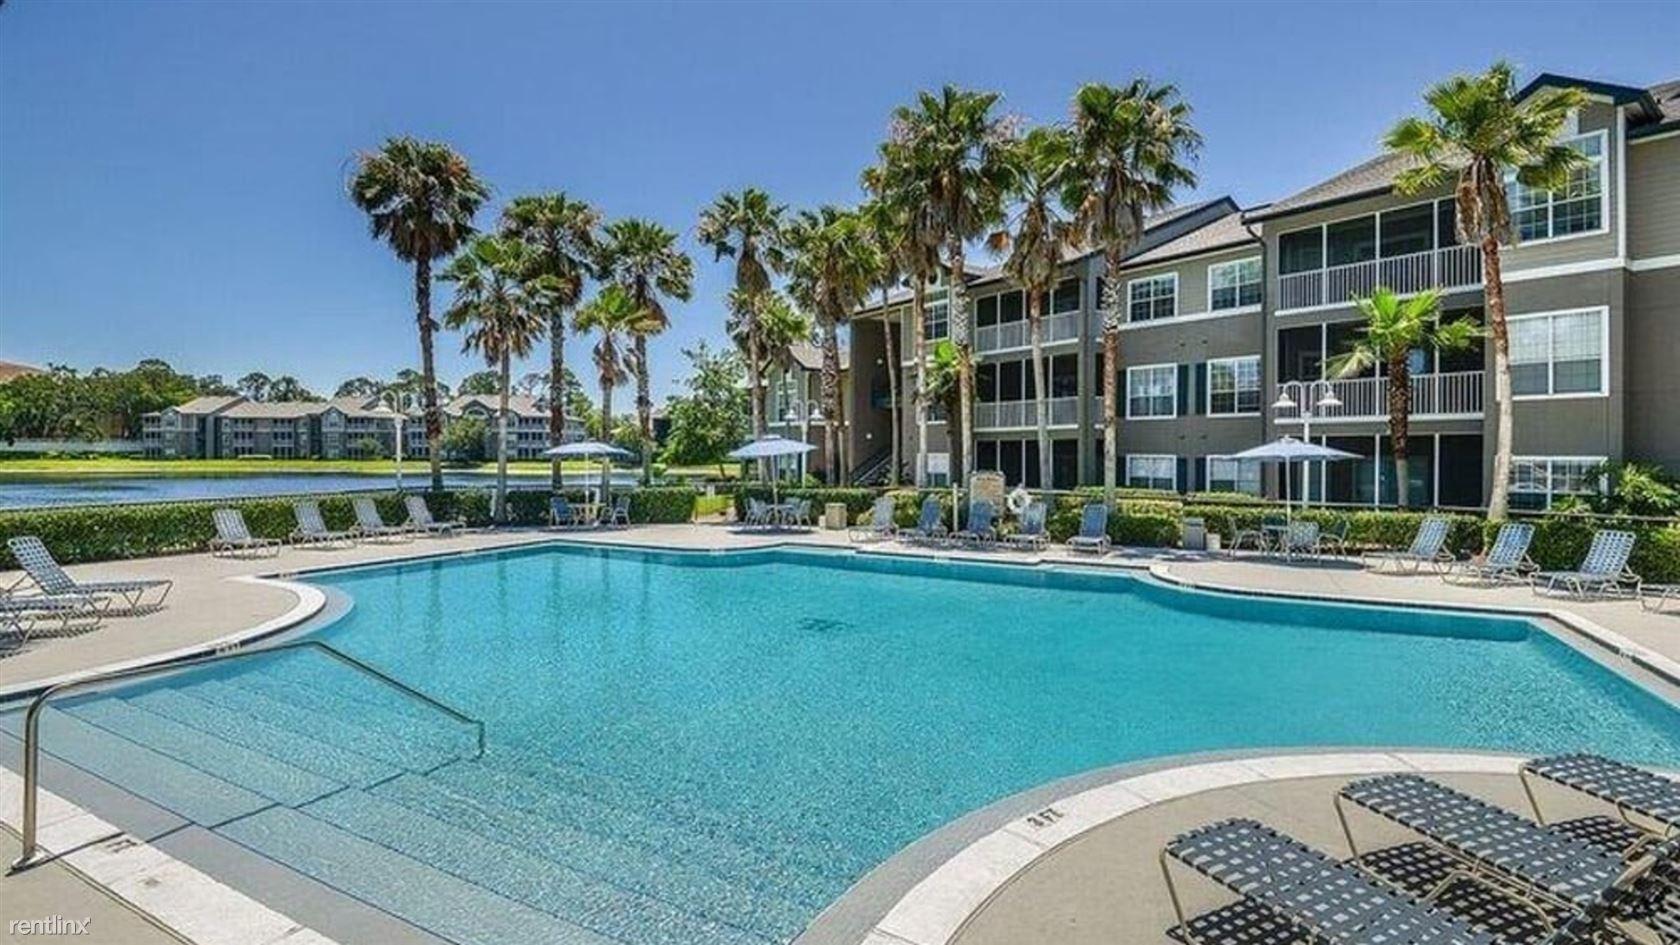 4235 Marsh Landing Blvd, Jacksonville Beach, FL - $2,308